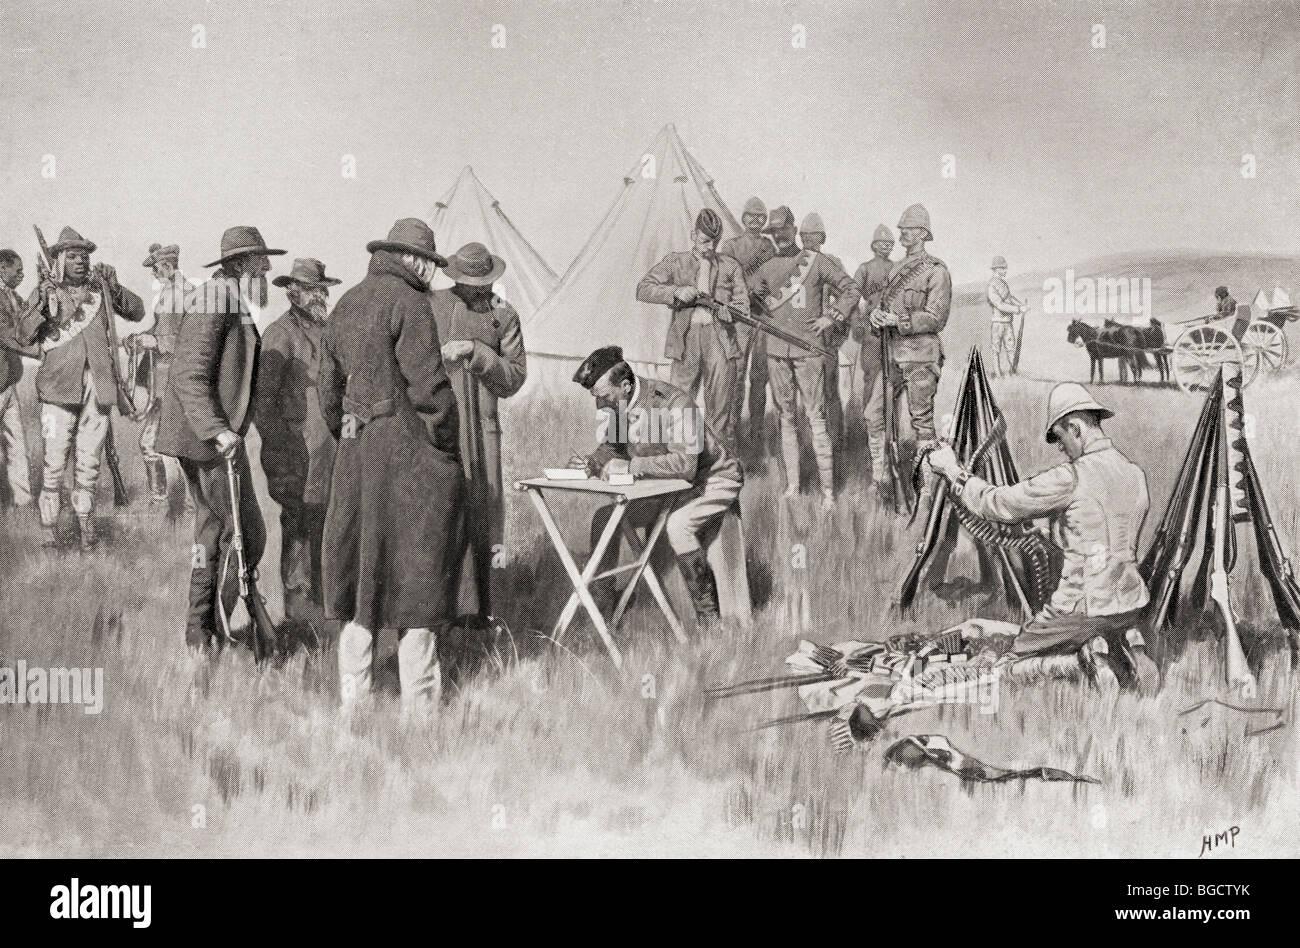 Second Boer War